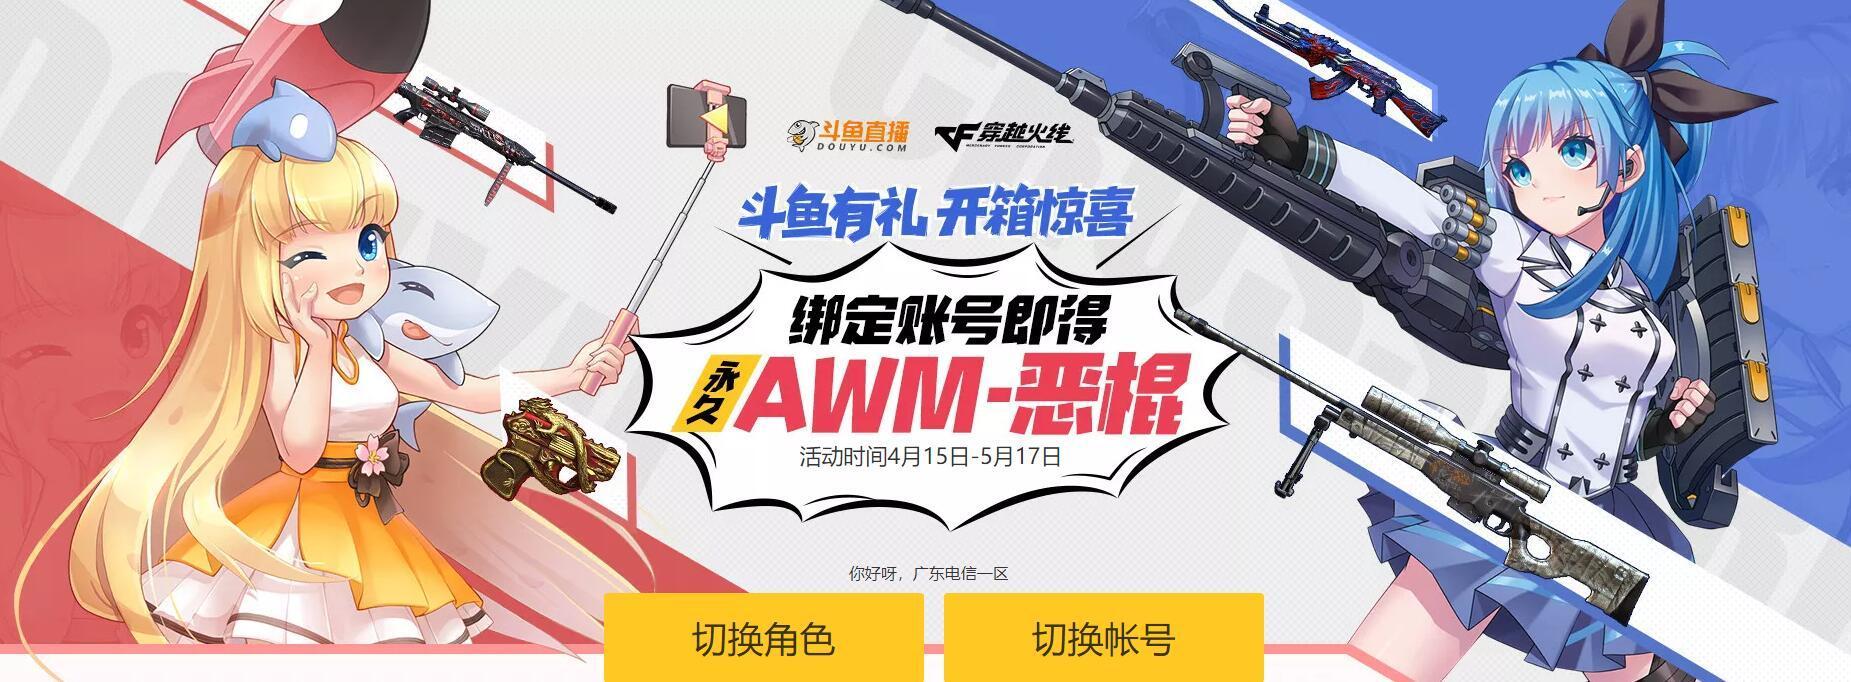 CF斗鱼有礼绑定账号领永久AWM-恶棍